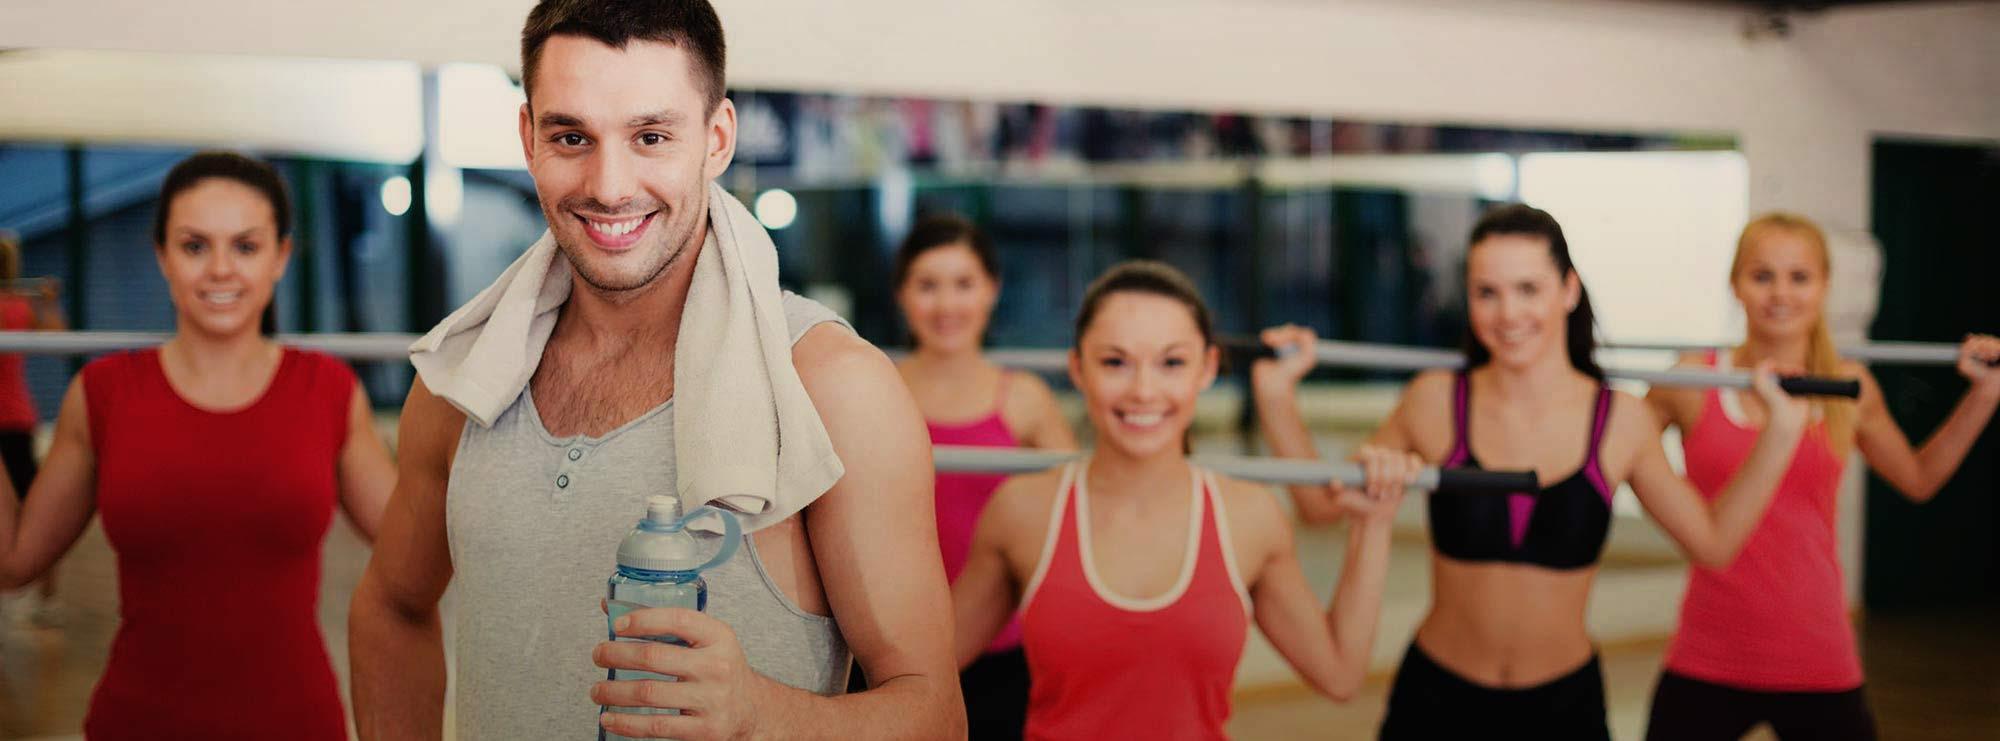 formazione sportiva personal trainer